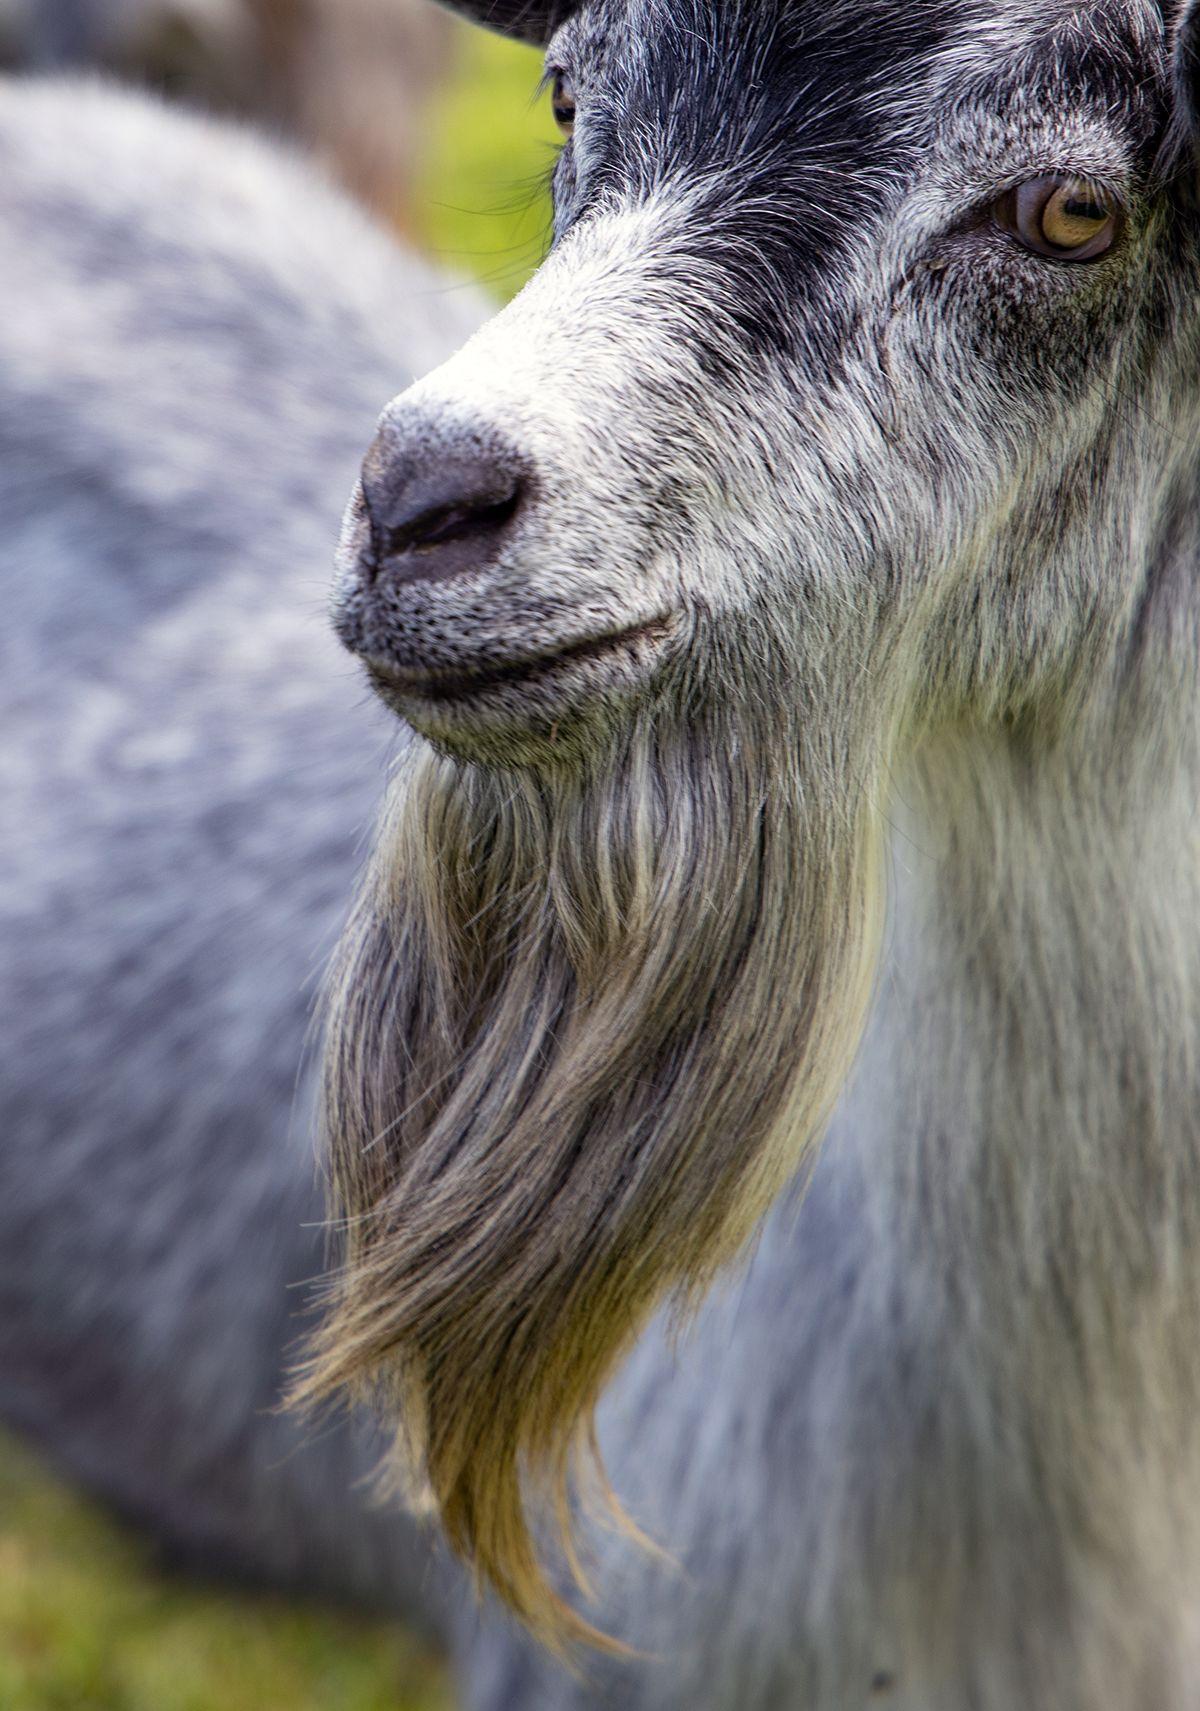 Unser Hubscher Blobe Ziegenbock Hat Einen Feschen Bart Oder Animals Goats Faun